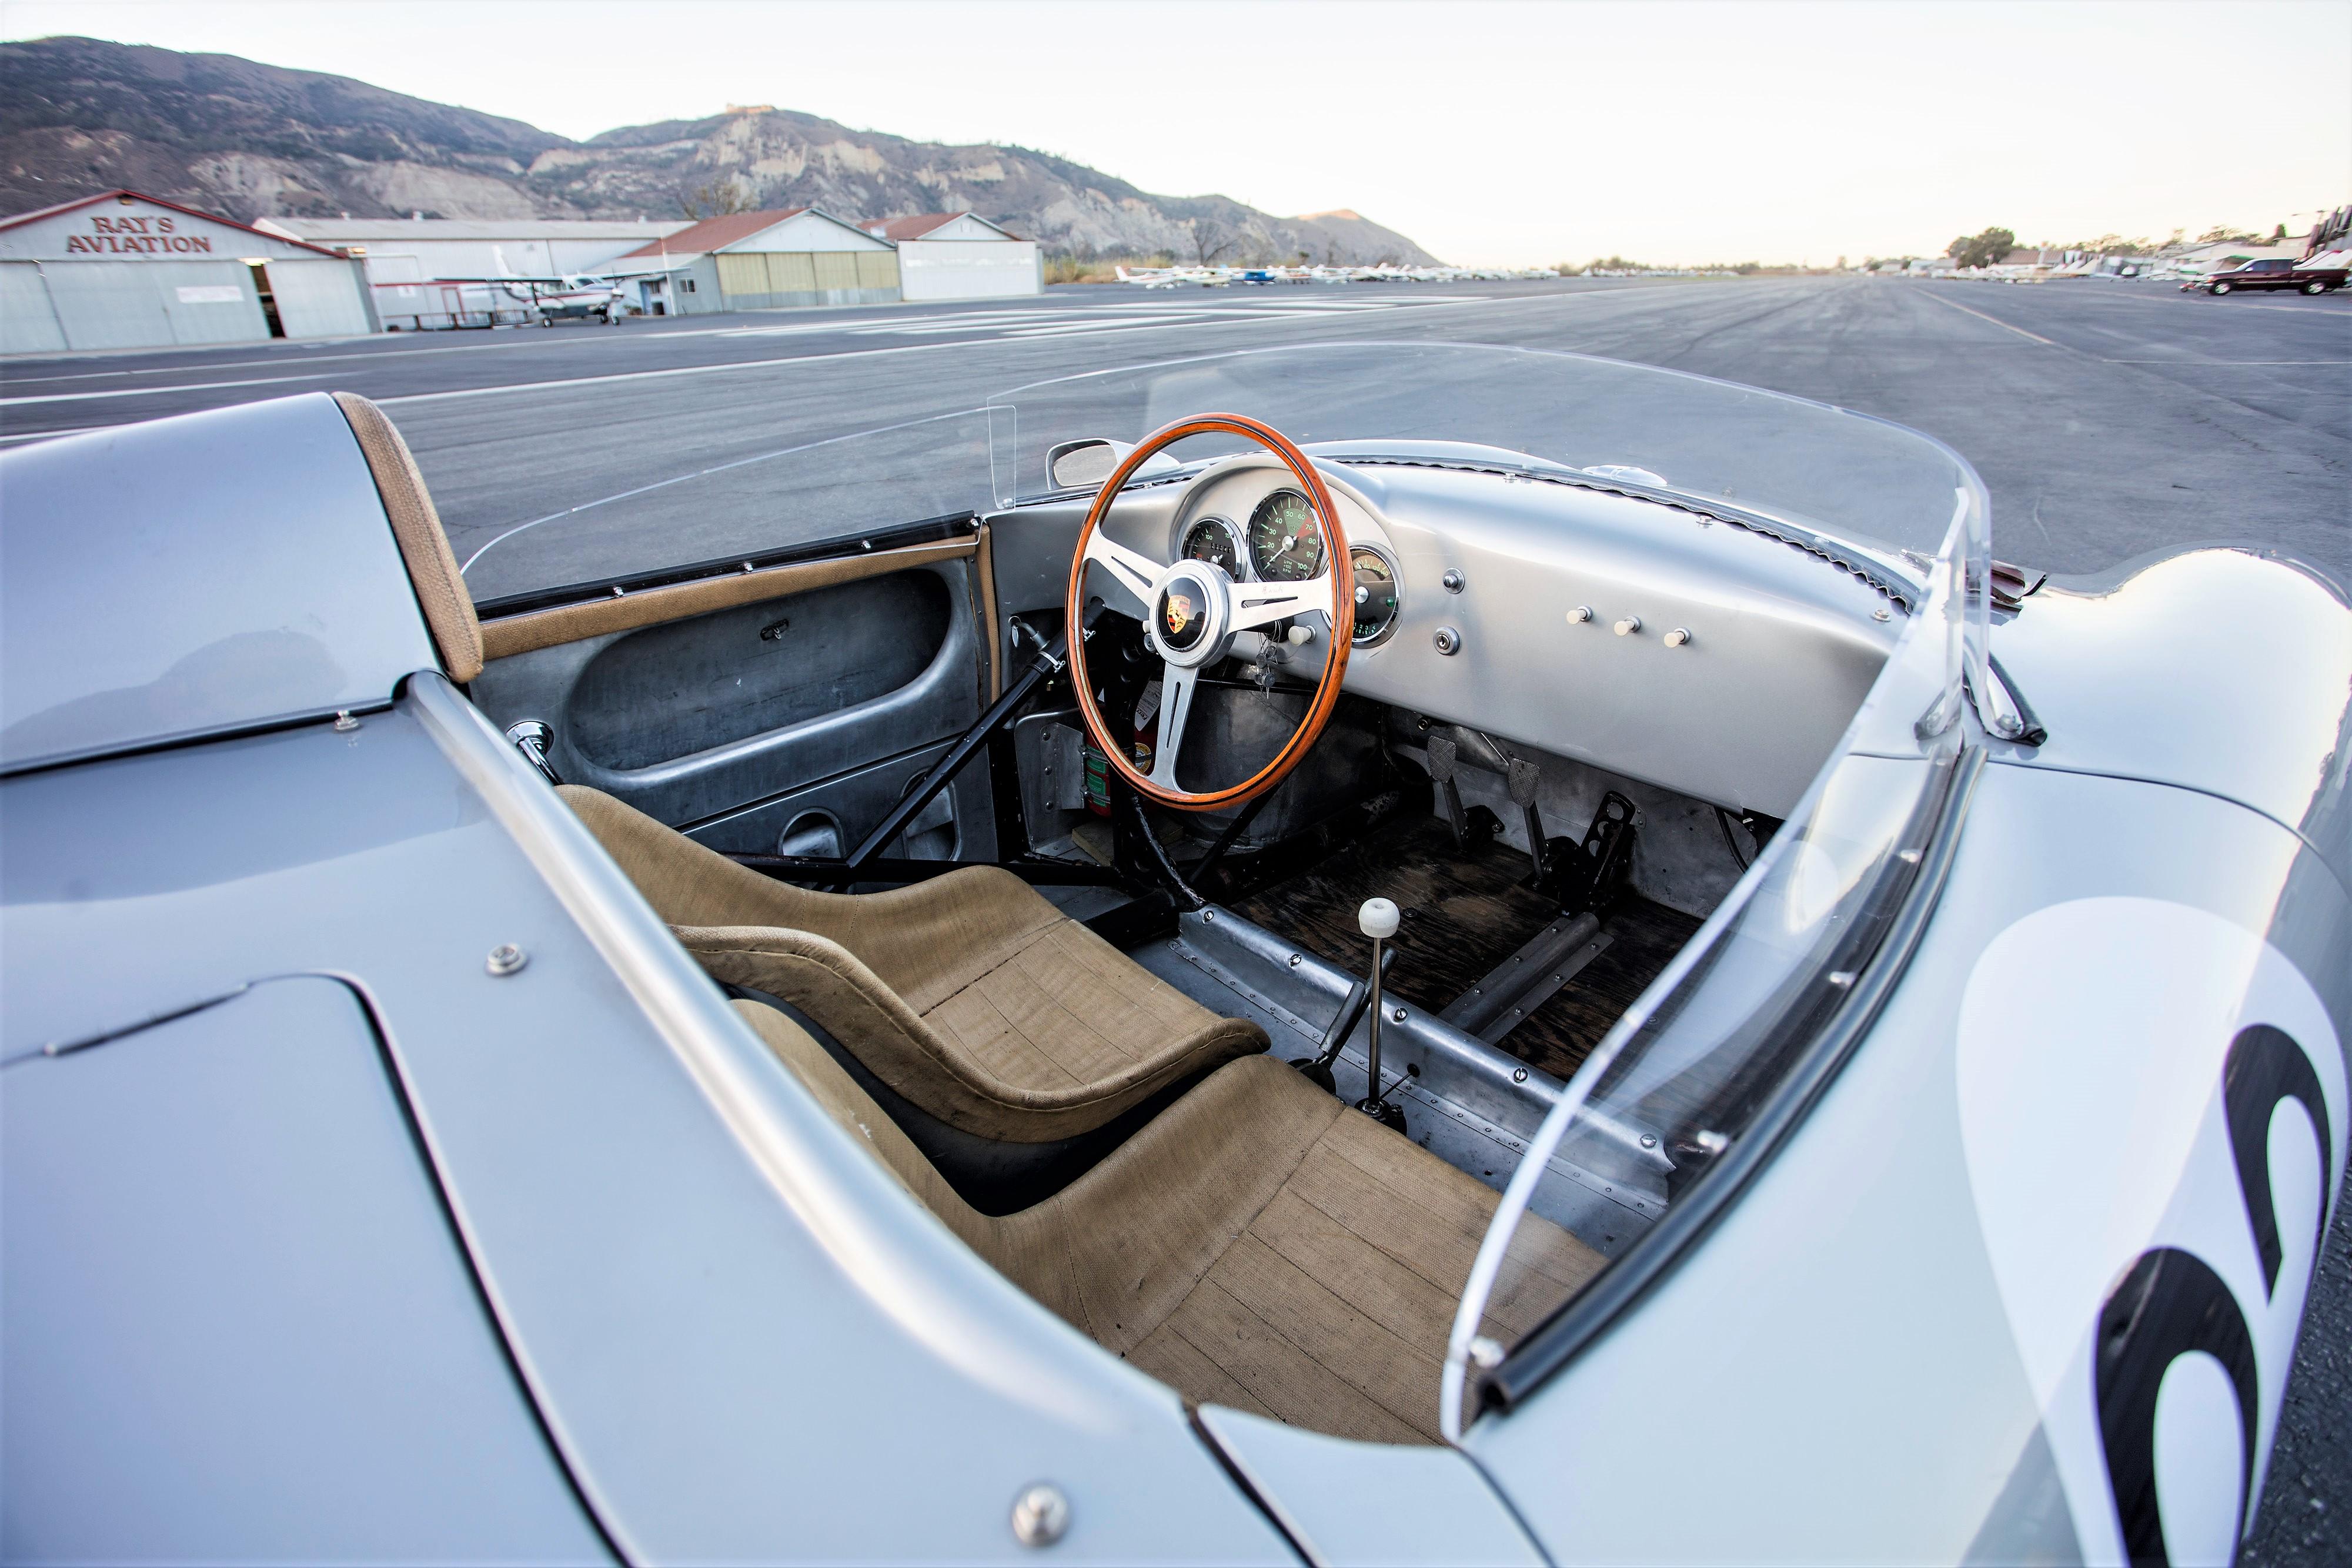 , Historic Porsche 550A Spyder race car slated for Bonhams' Scottsdale auction, ClassicCars.com Journal